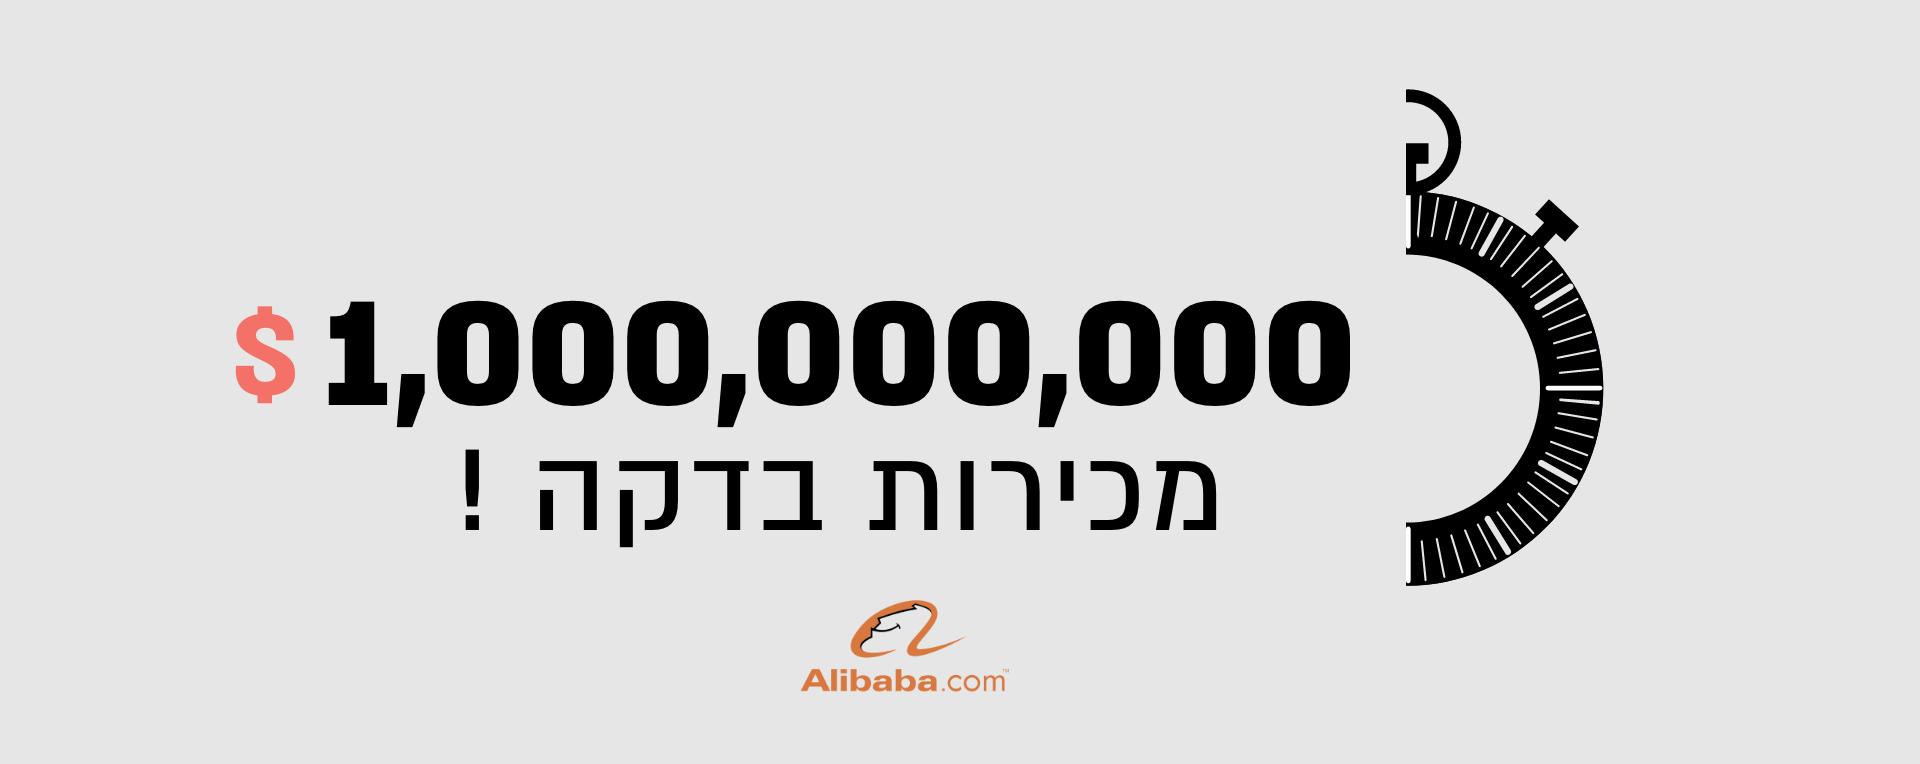 מיליארד דולר בדקה